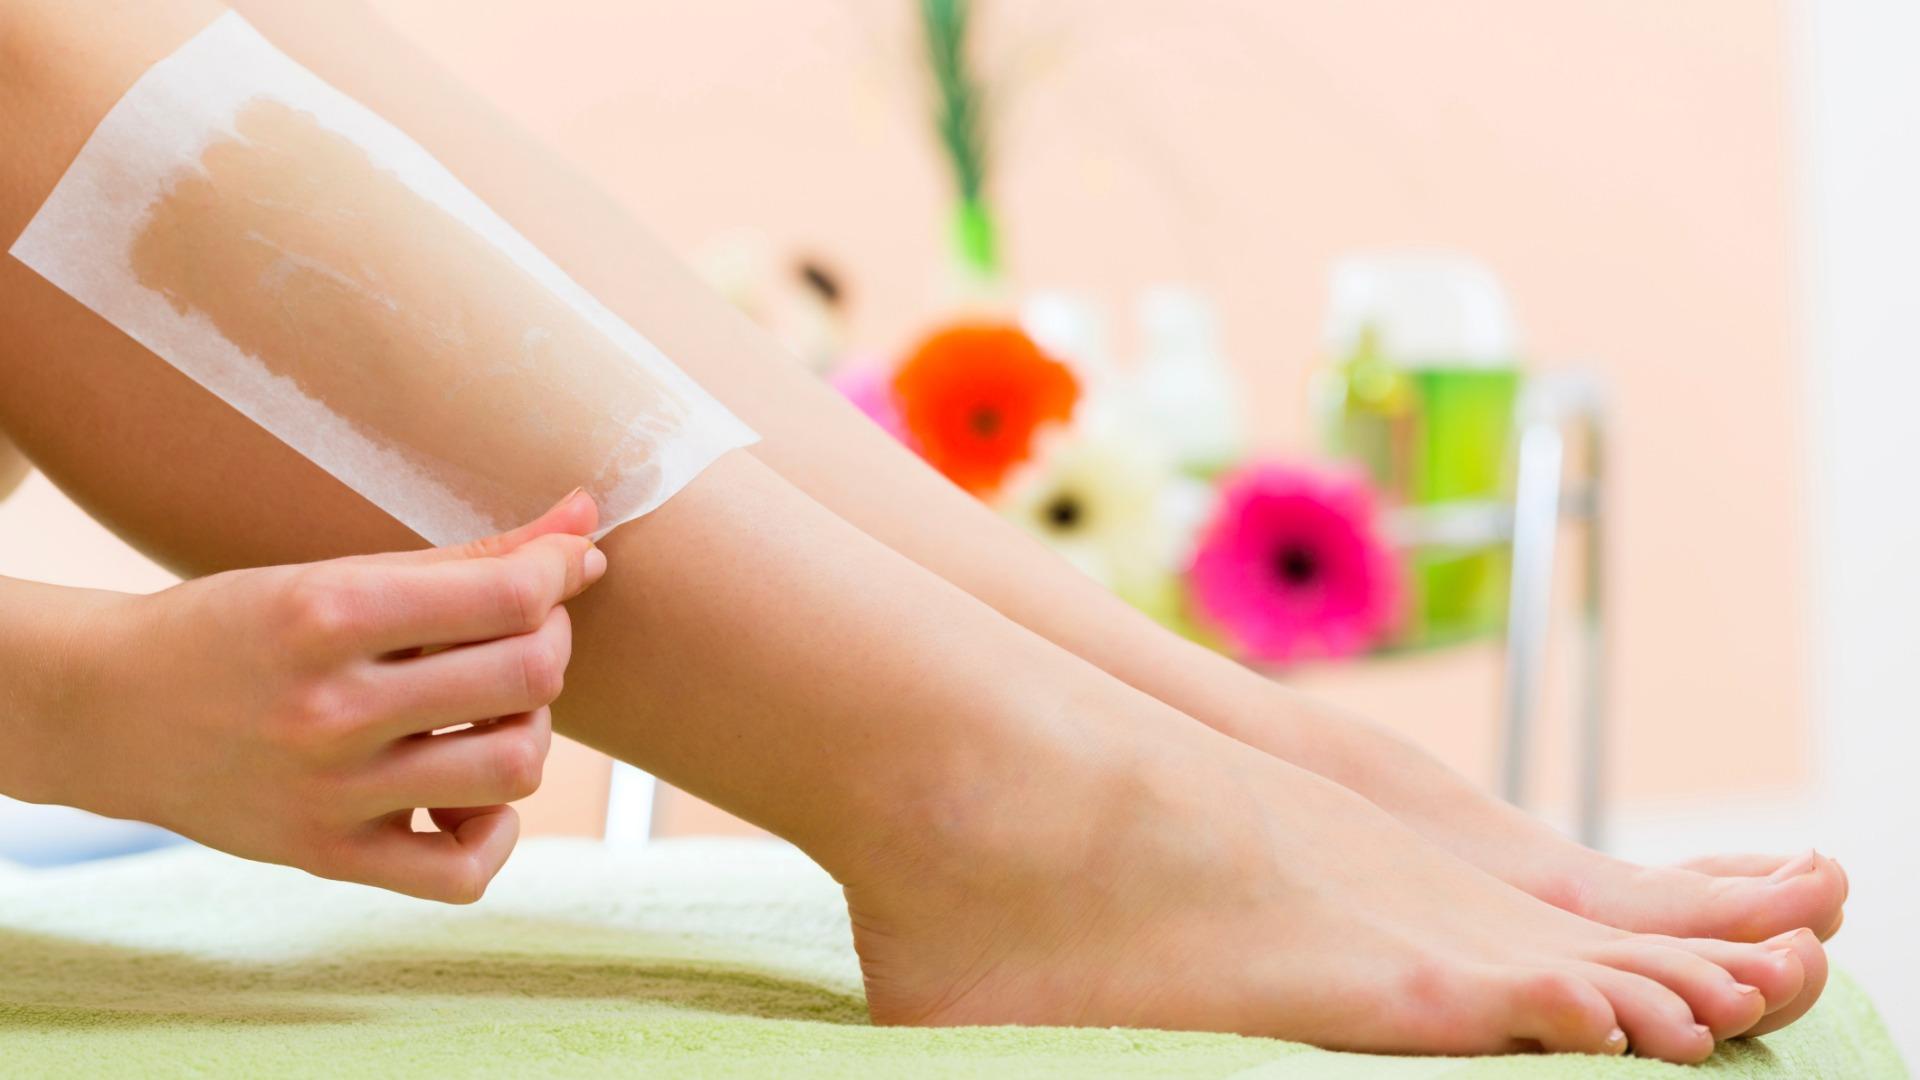 Как убрать волосы на ногах в домашних условиях воском